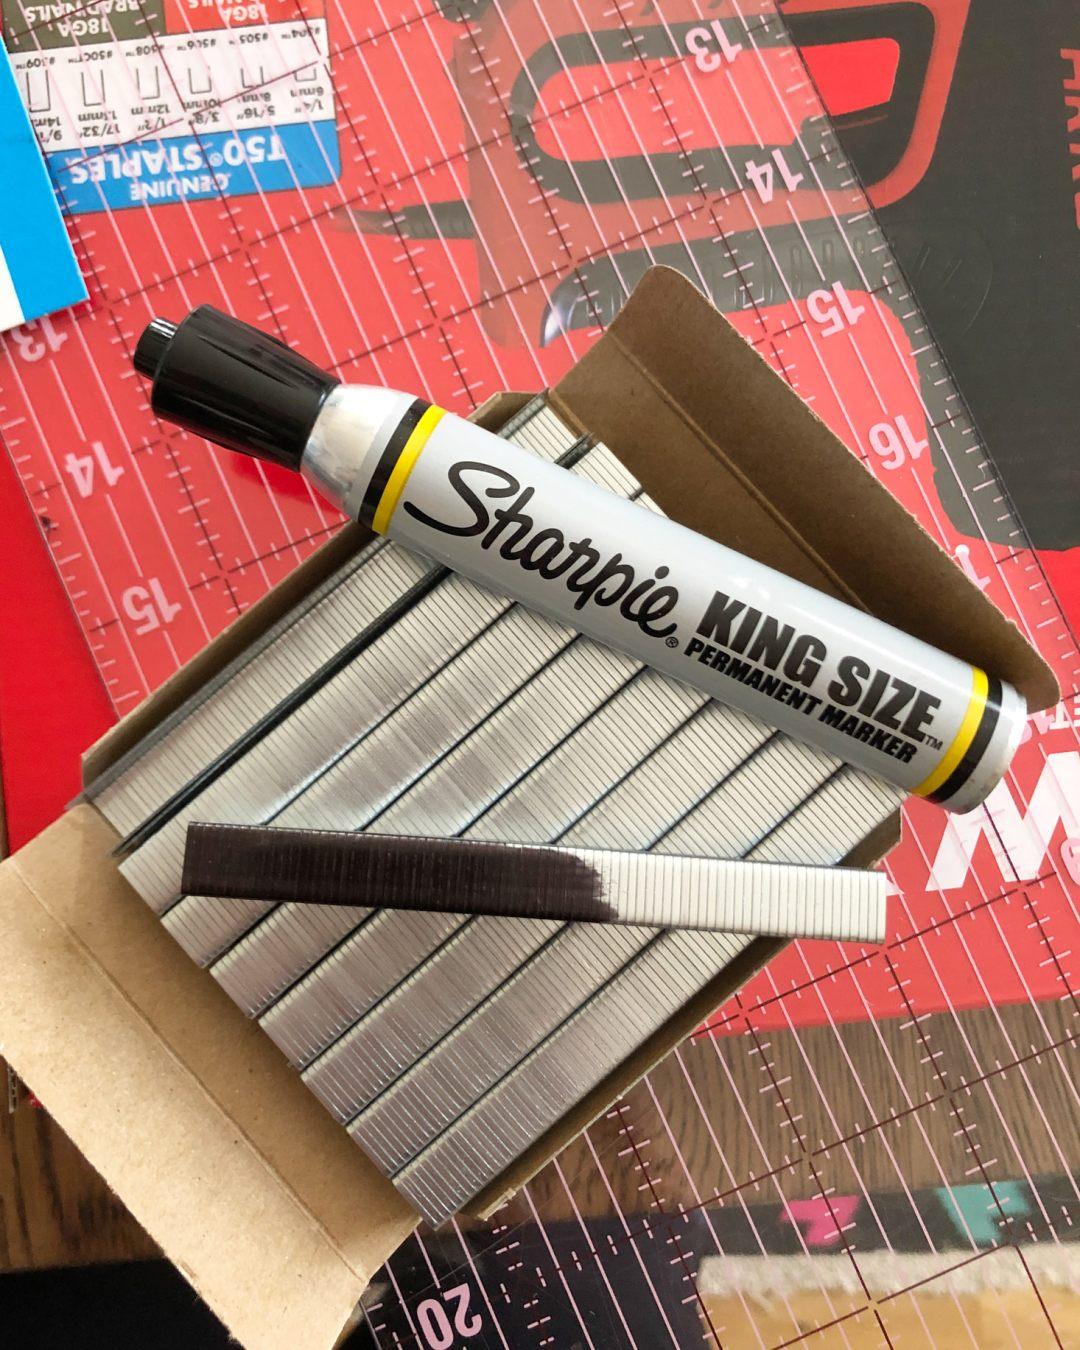 Blacken staples with sharpie